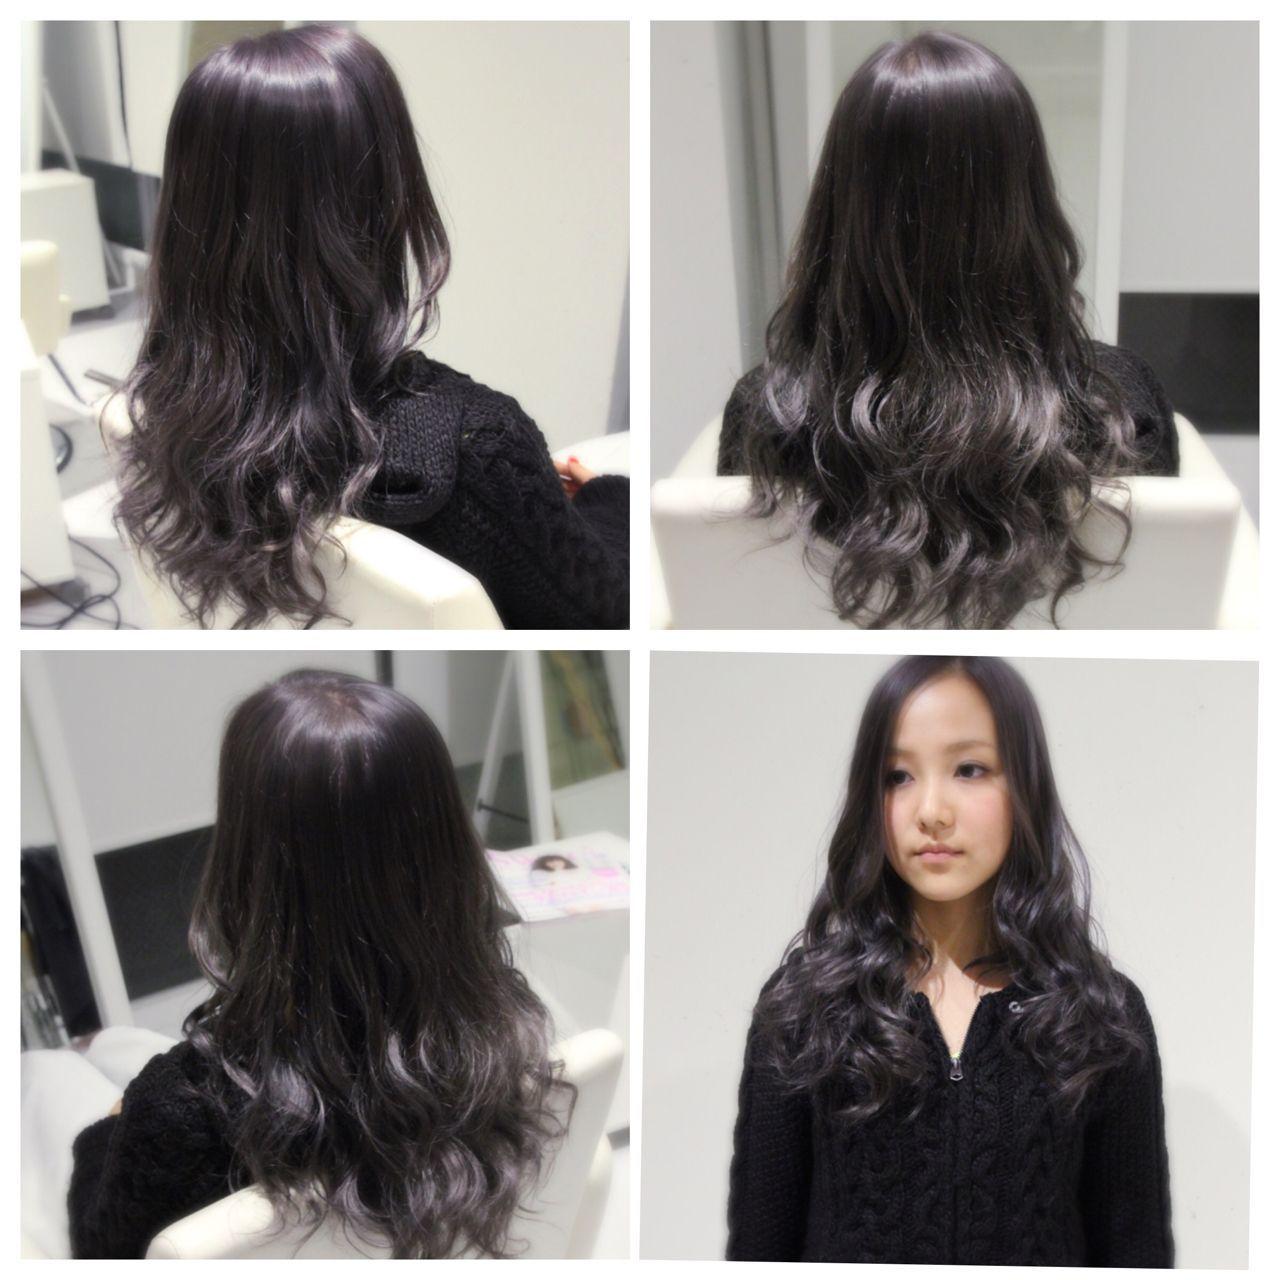 暗髪を作るヘアカラー グレーアッシュ バイオレット ネイビー系など